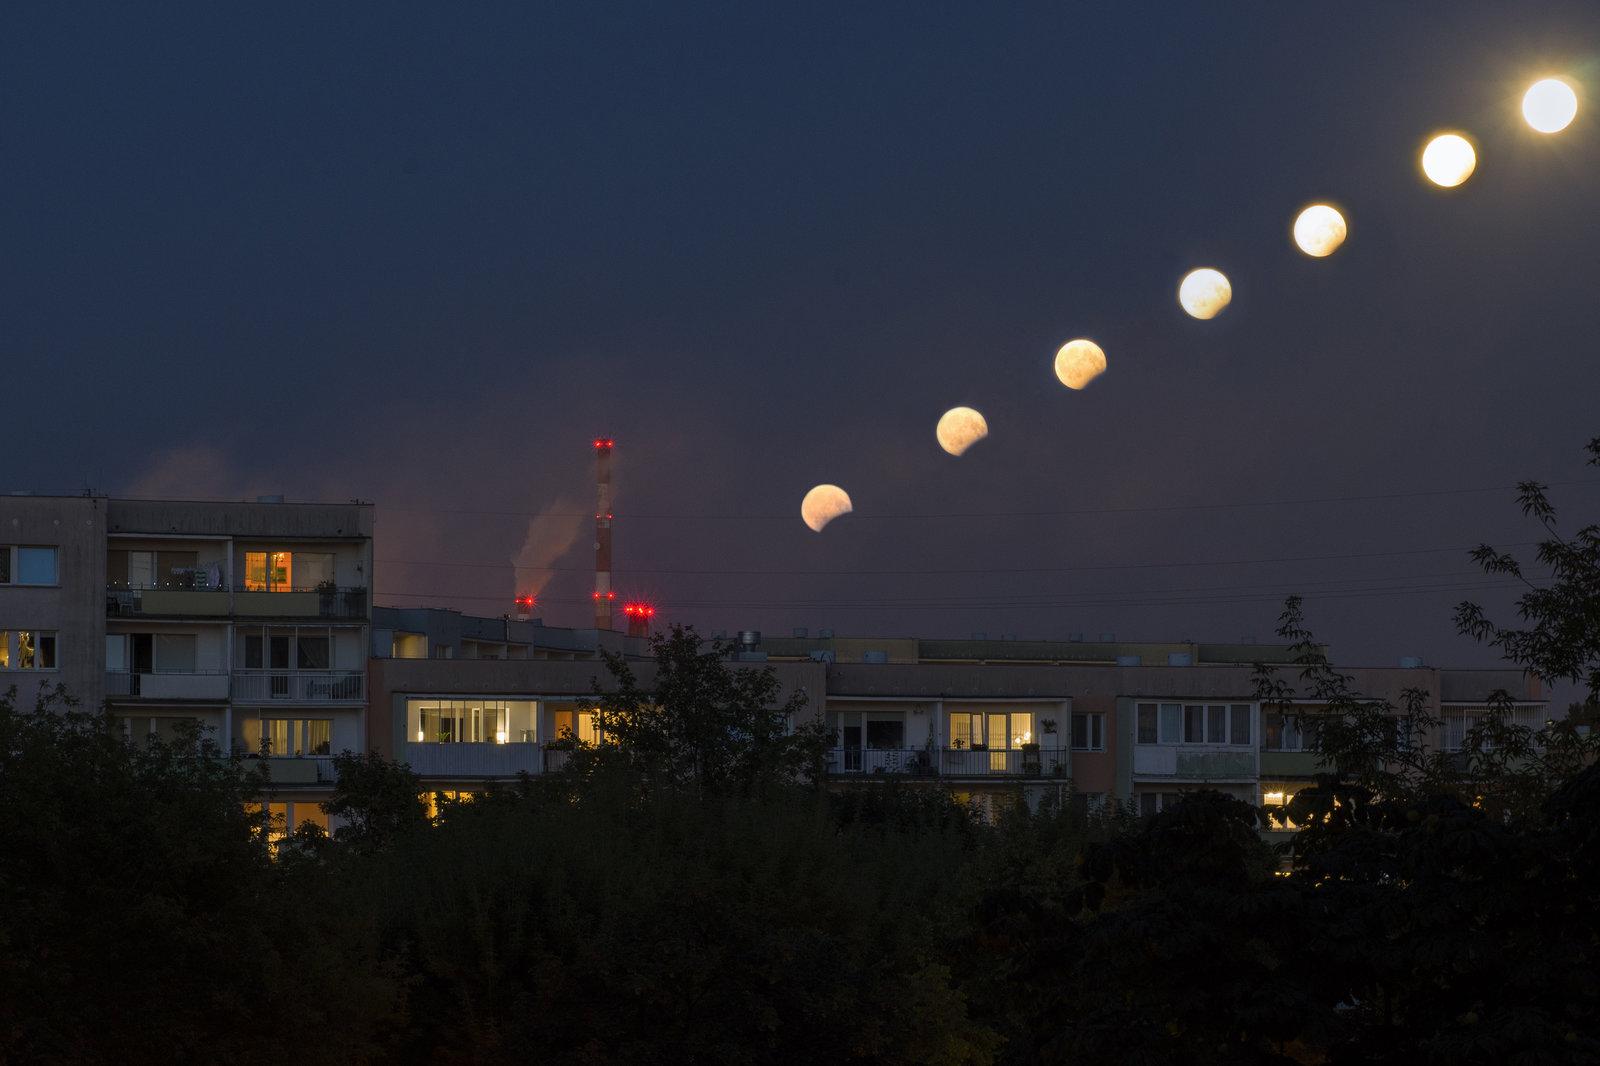 lunar_eclipse_2017-08-07_s.jpg